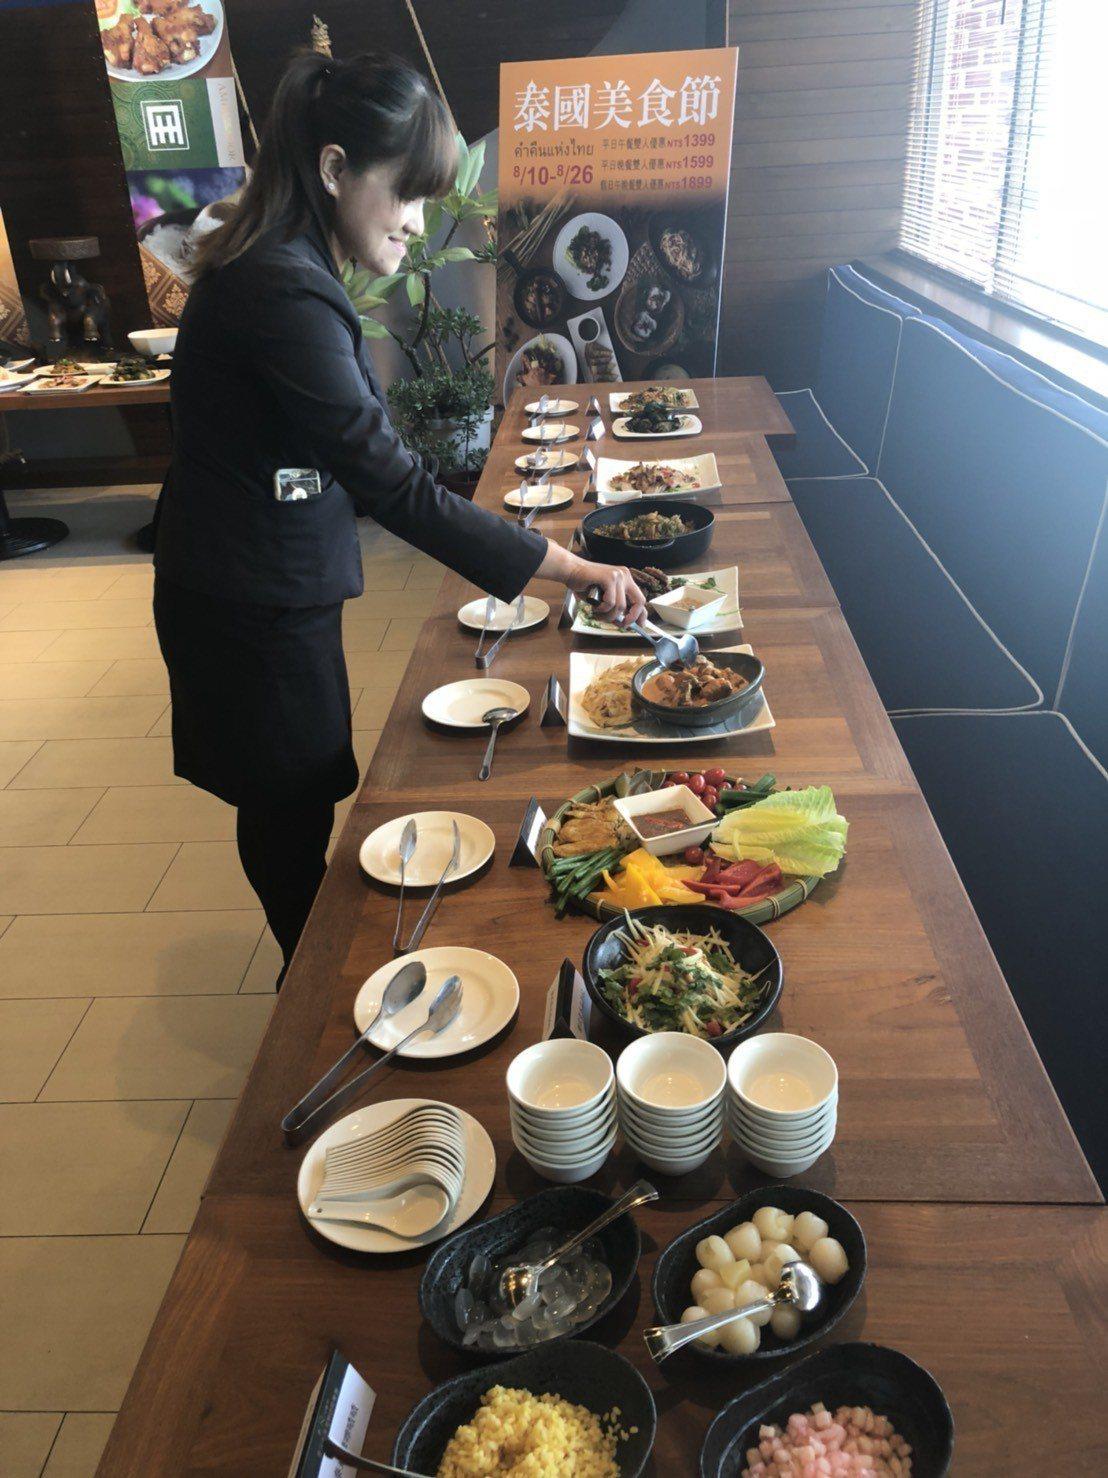 高雄國賓「泰國美食節」78折,比旅展還優惠。 記者林政鋒/攝影